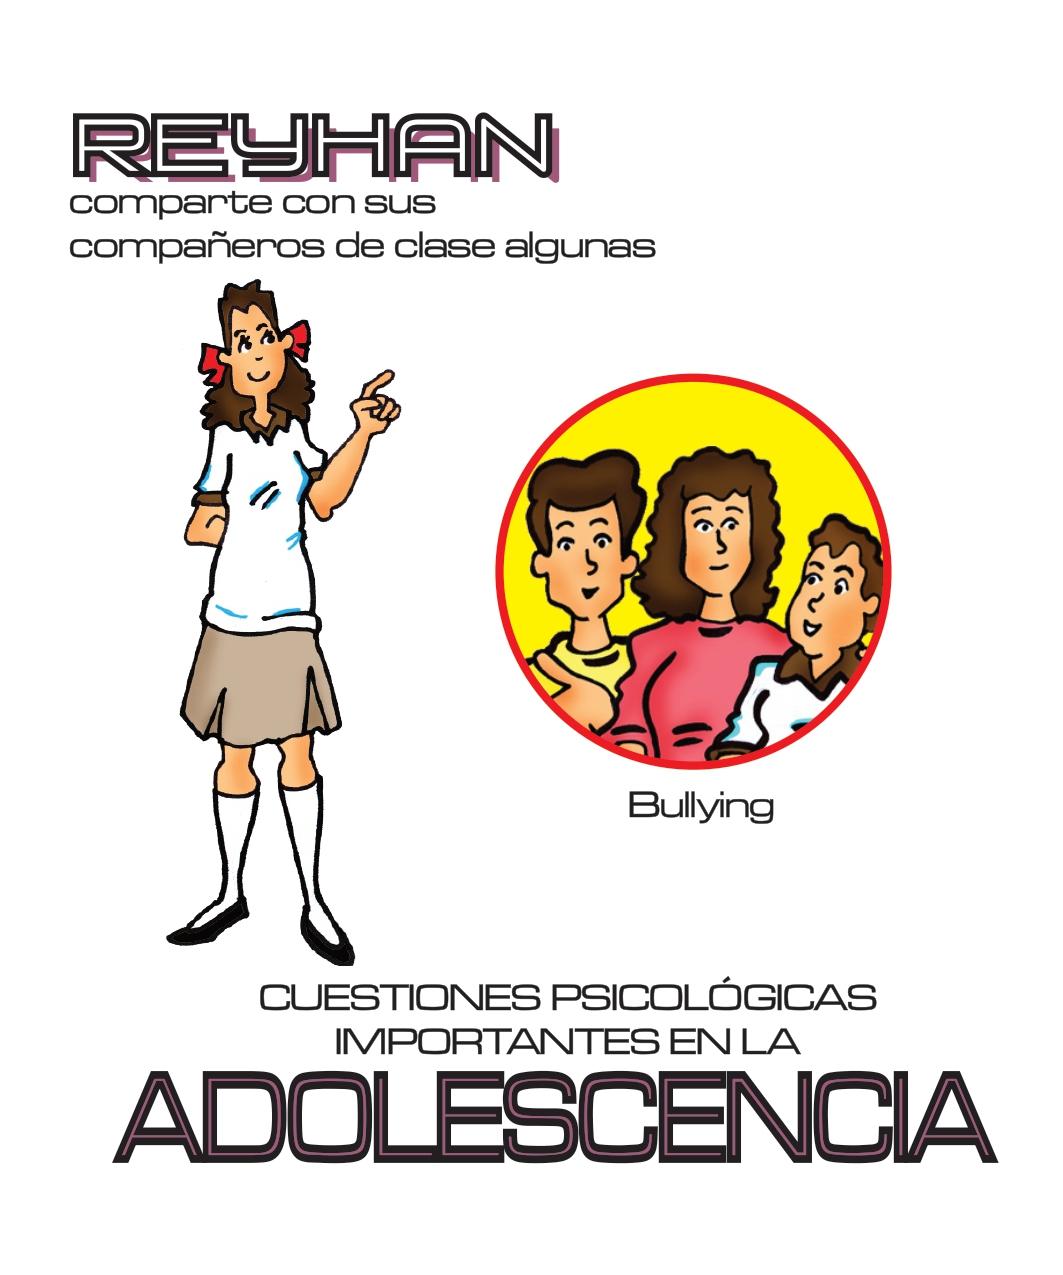 Psicología adolescentes Reyhan cap3 digital_page-0004